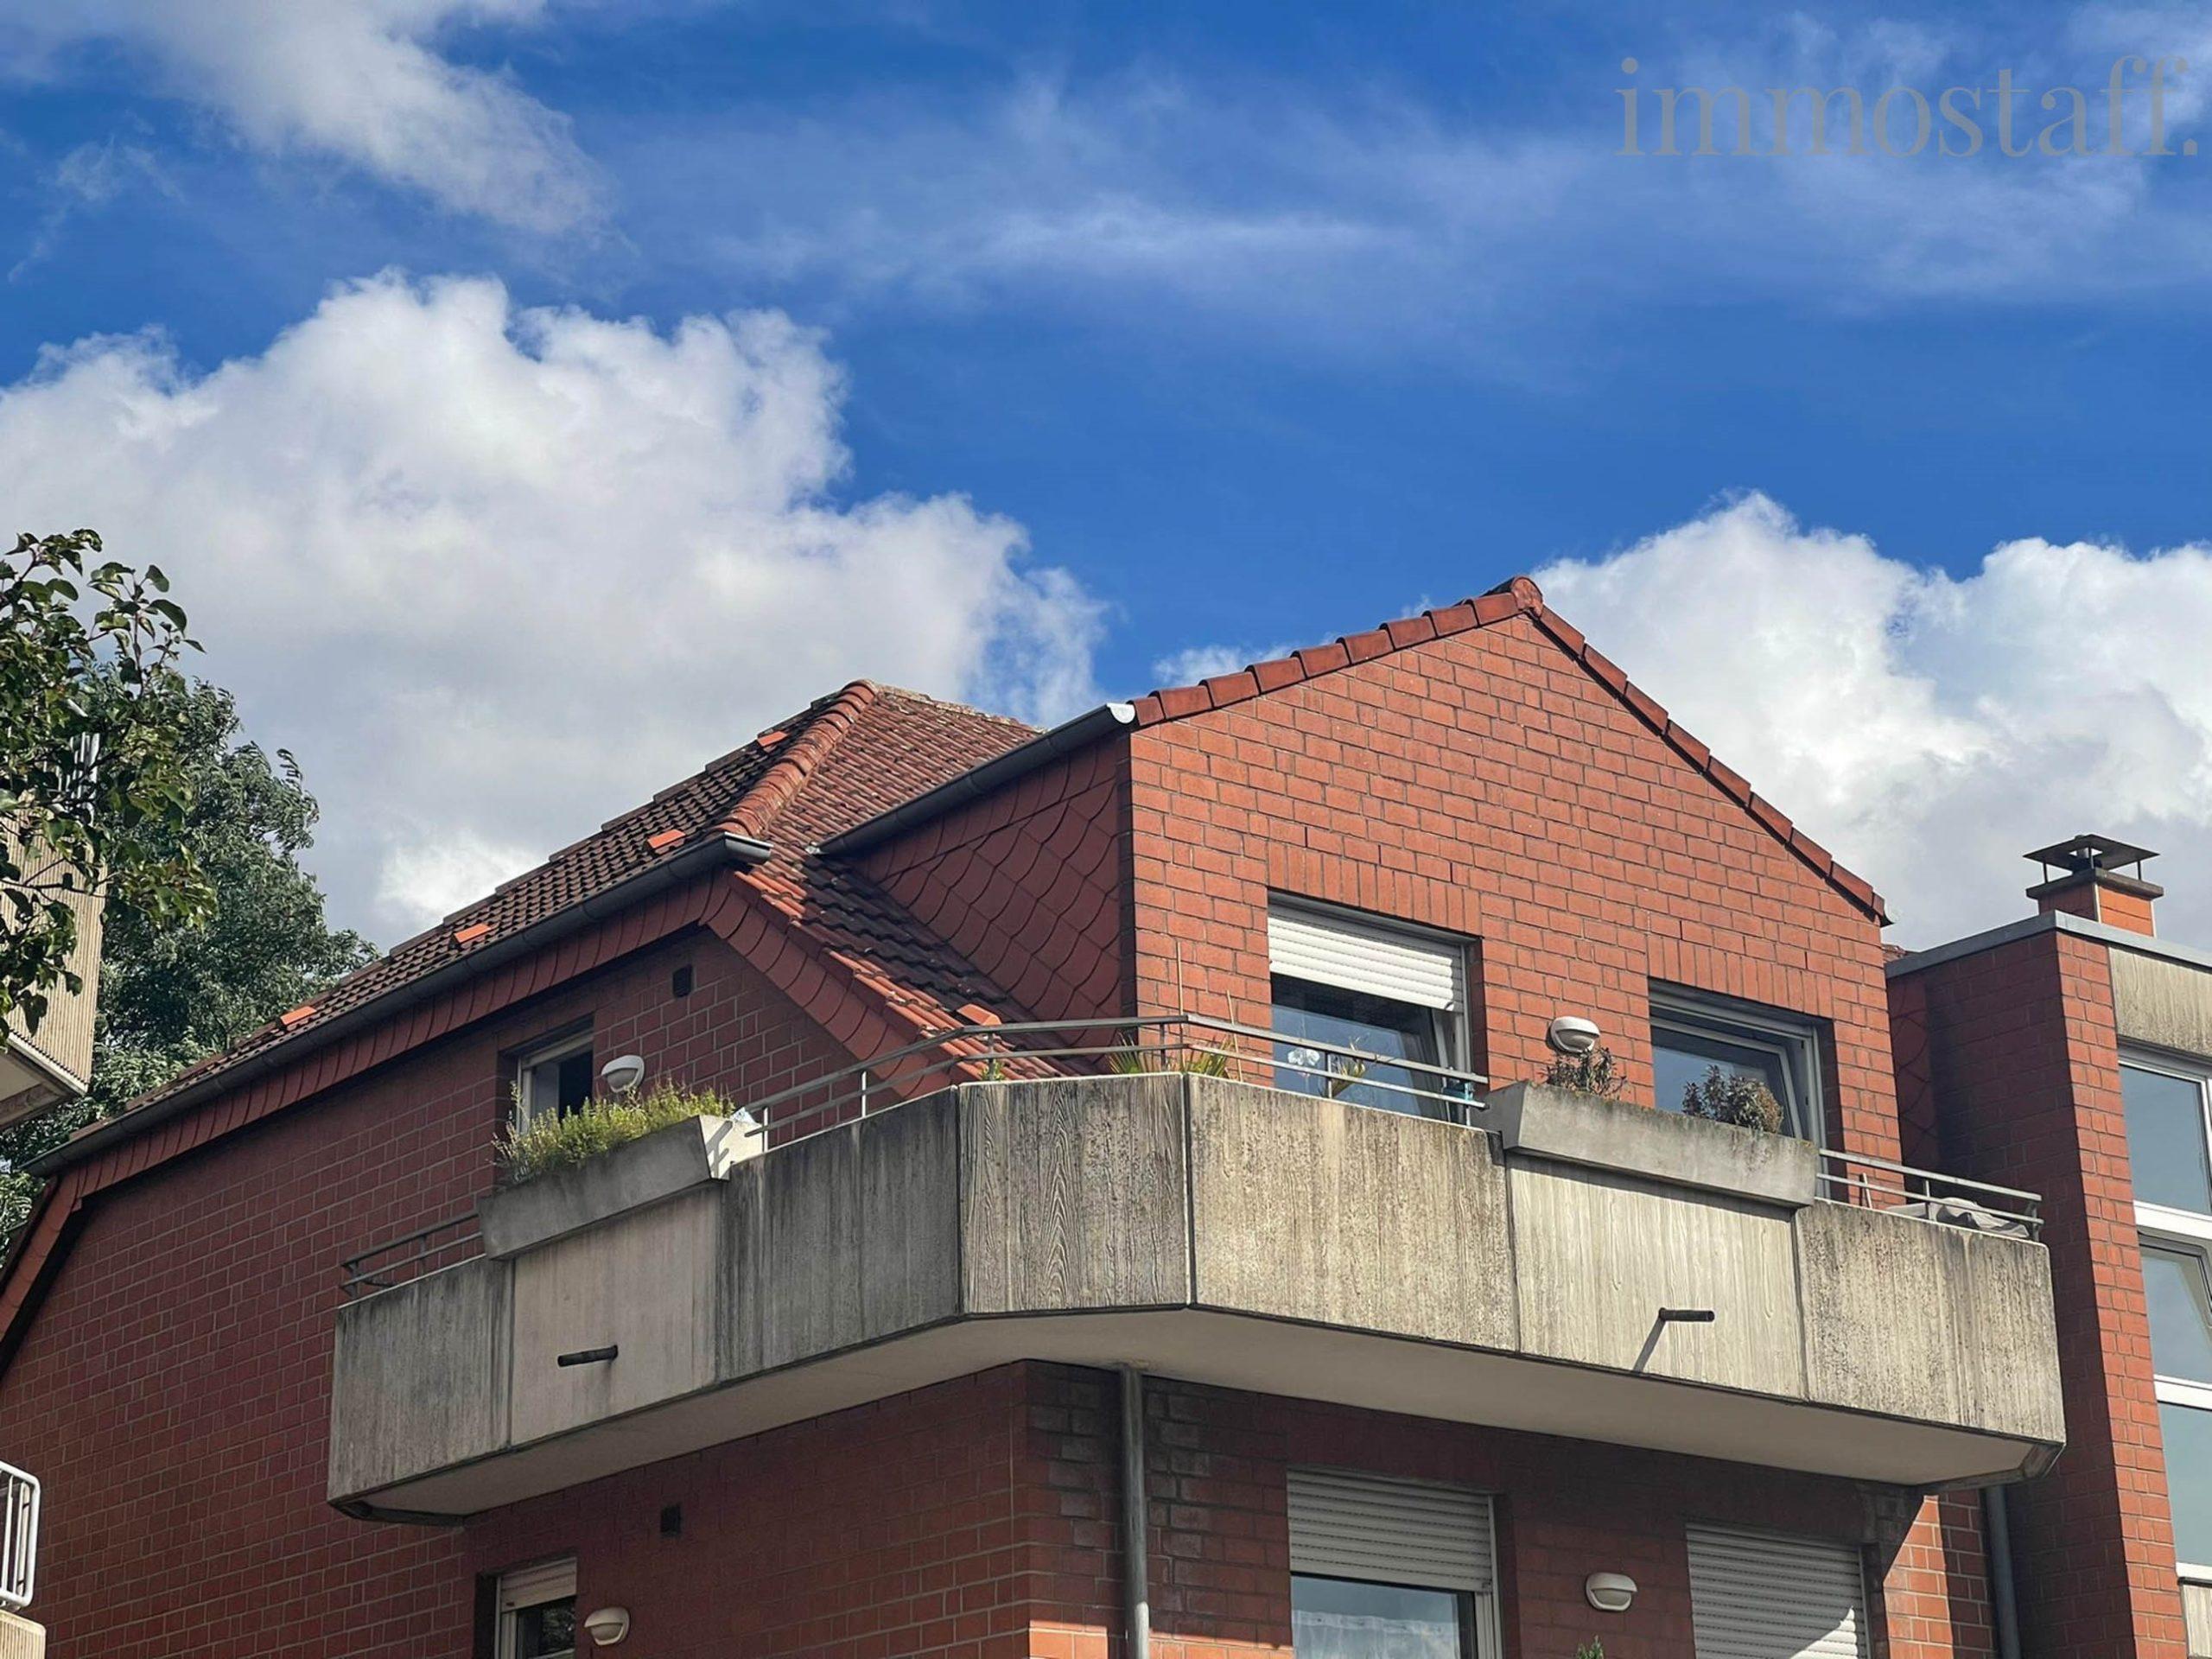 WOHNEN IN VONDERORT! Moderne 83 m² große Wohnung mit großem Balkon & Garage zu vermieten!